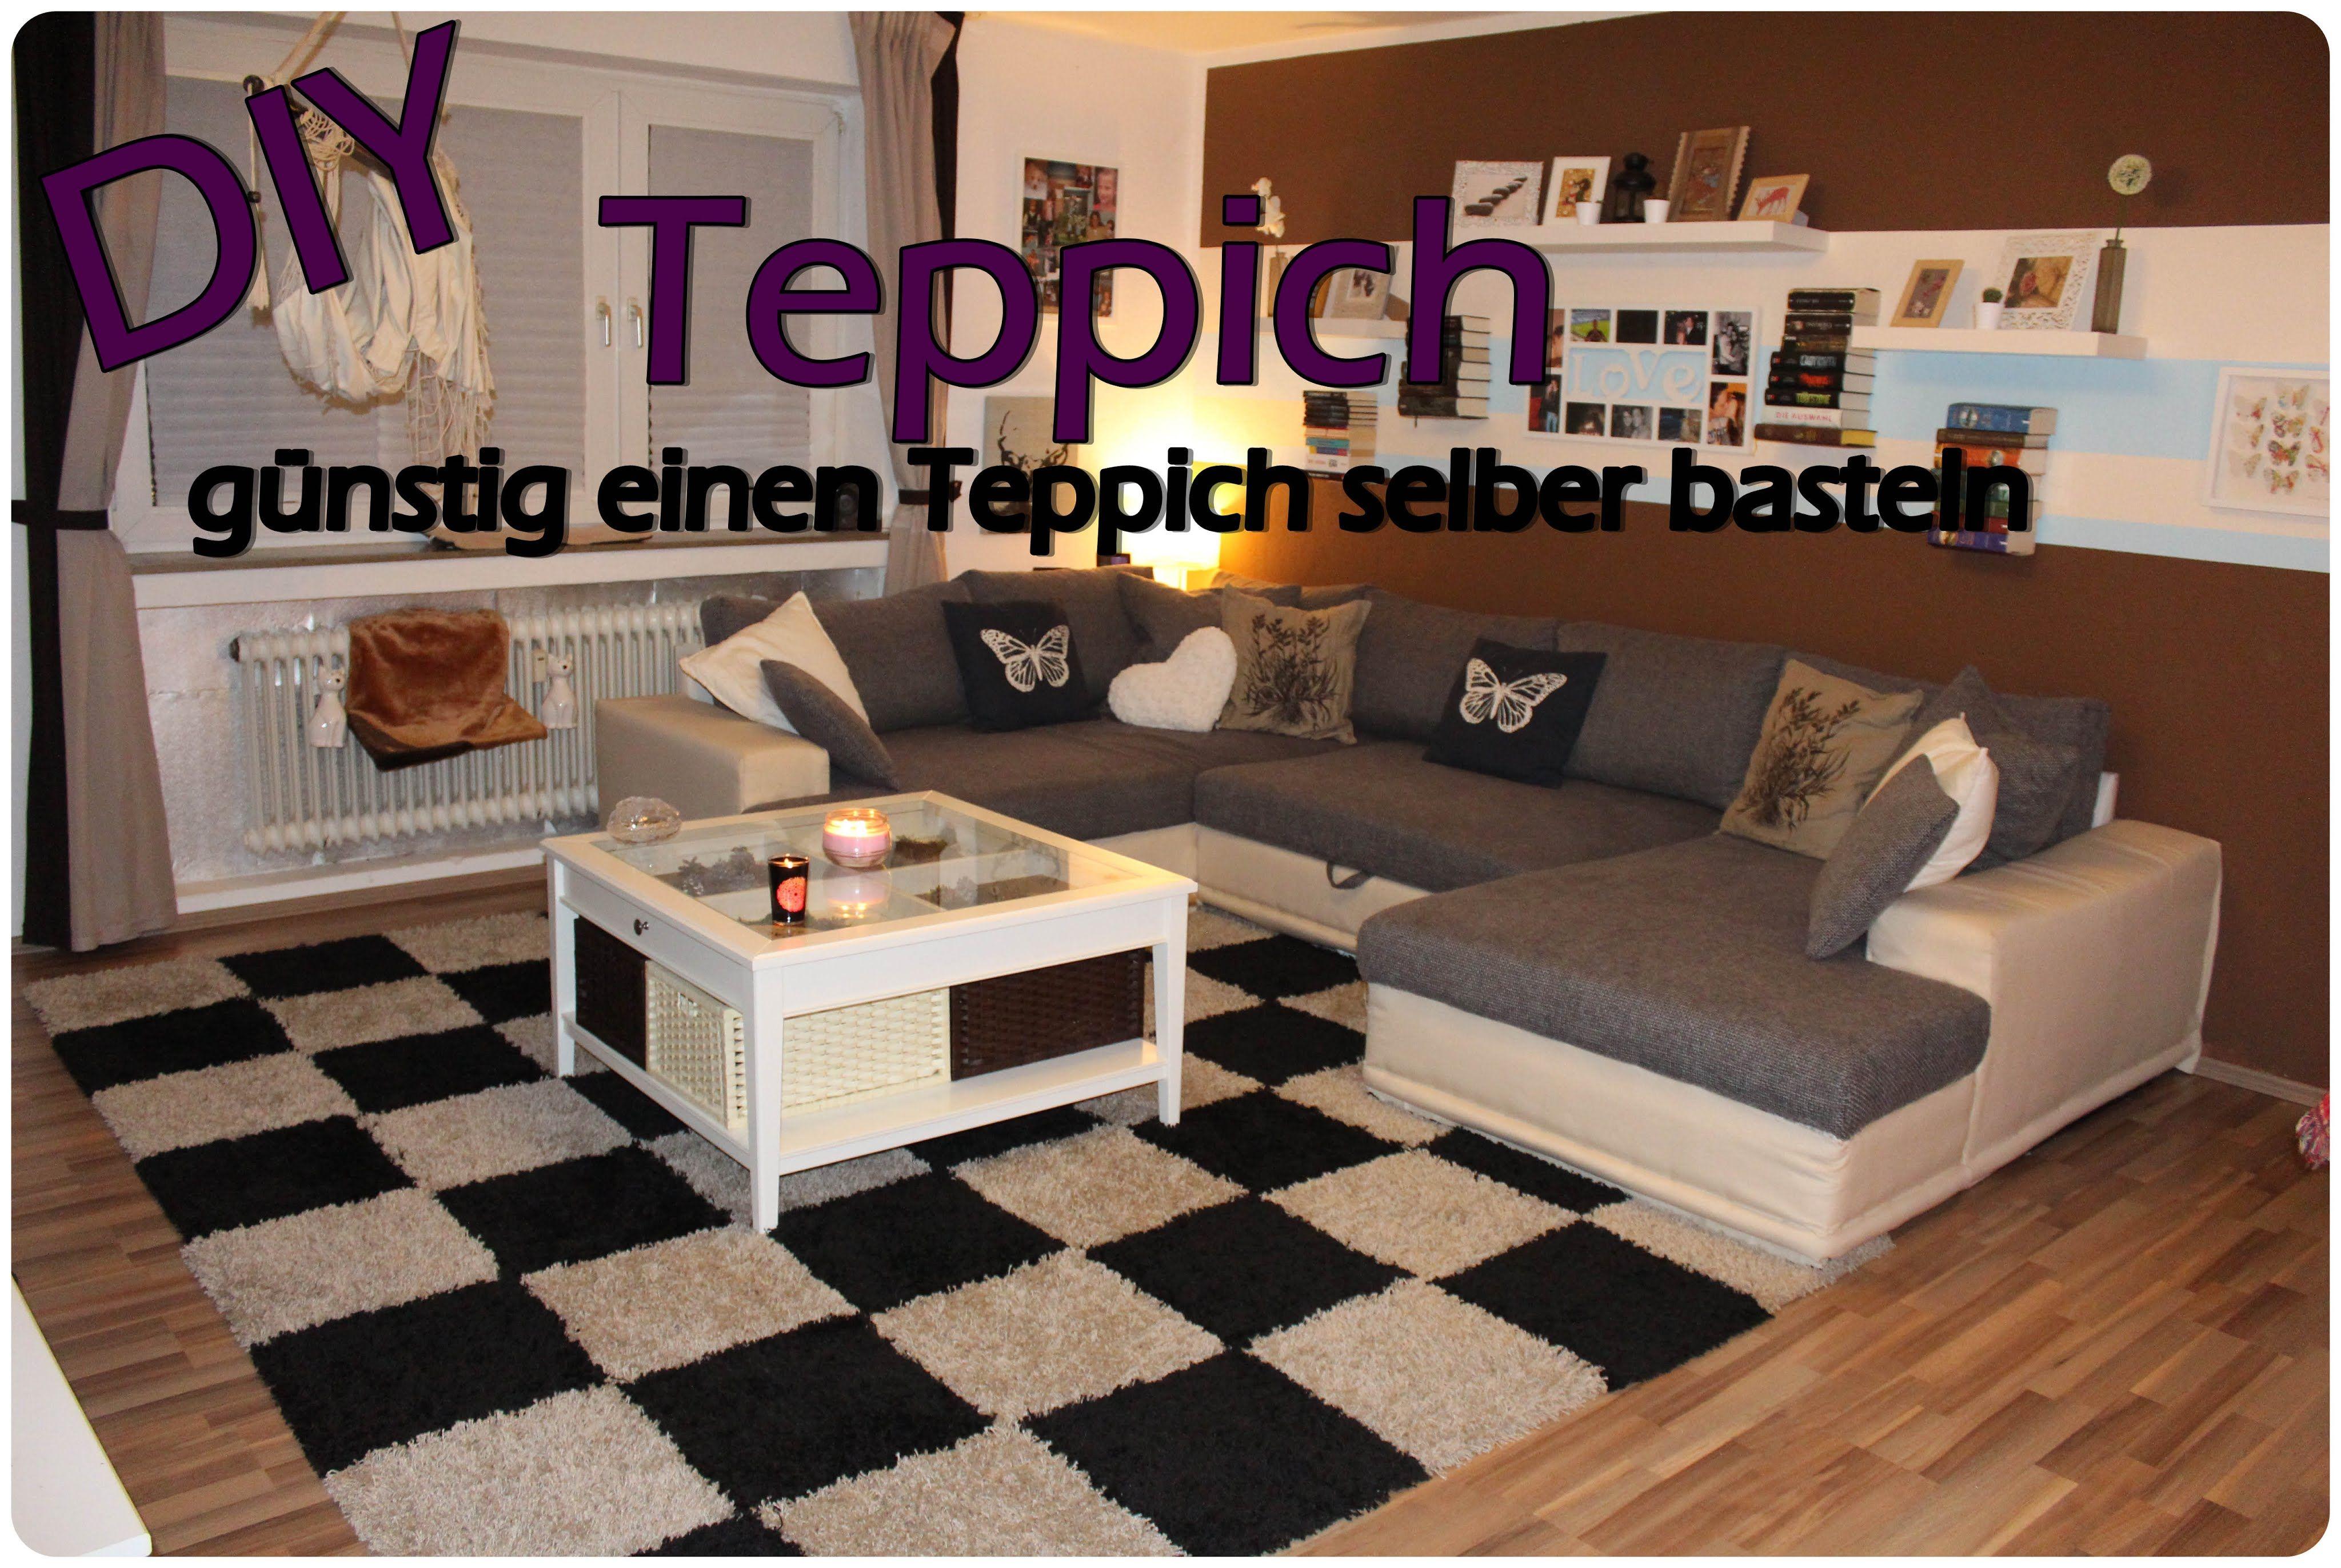 Badezimmerteppich Groß ~ Genial teppich groß günstig deutsche deko teppich